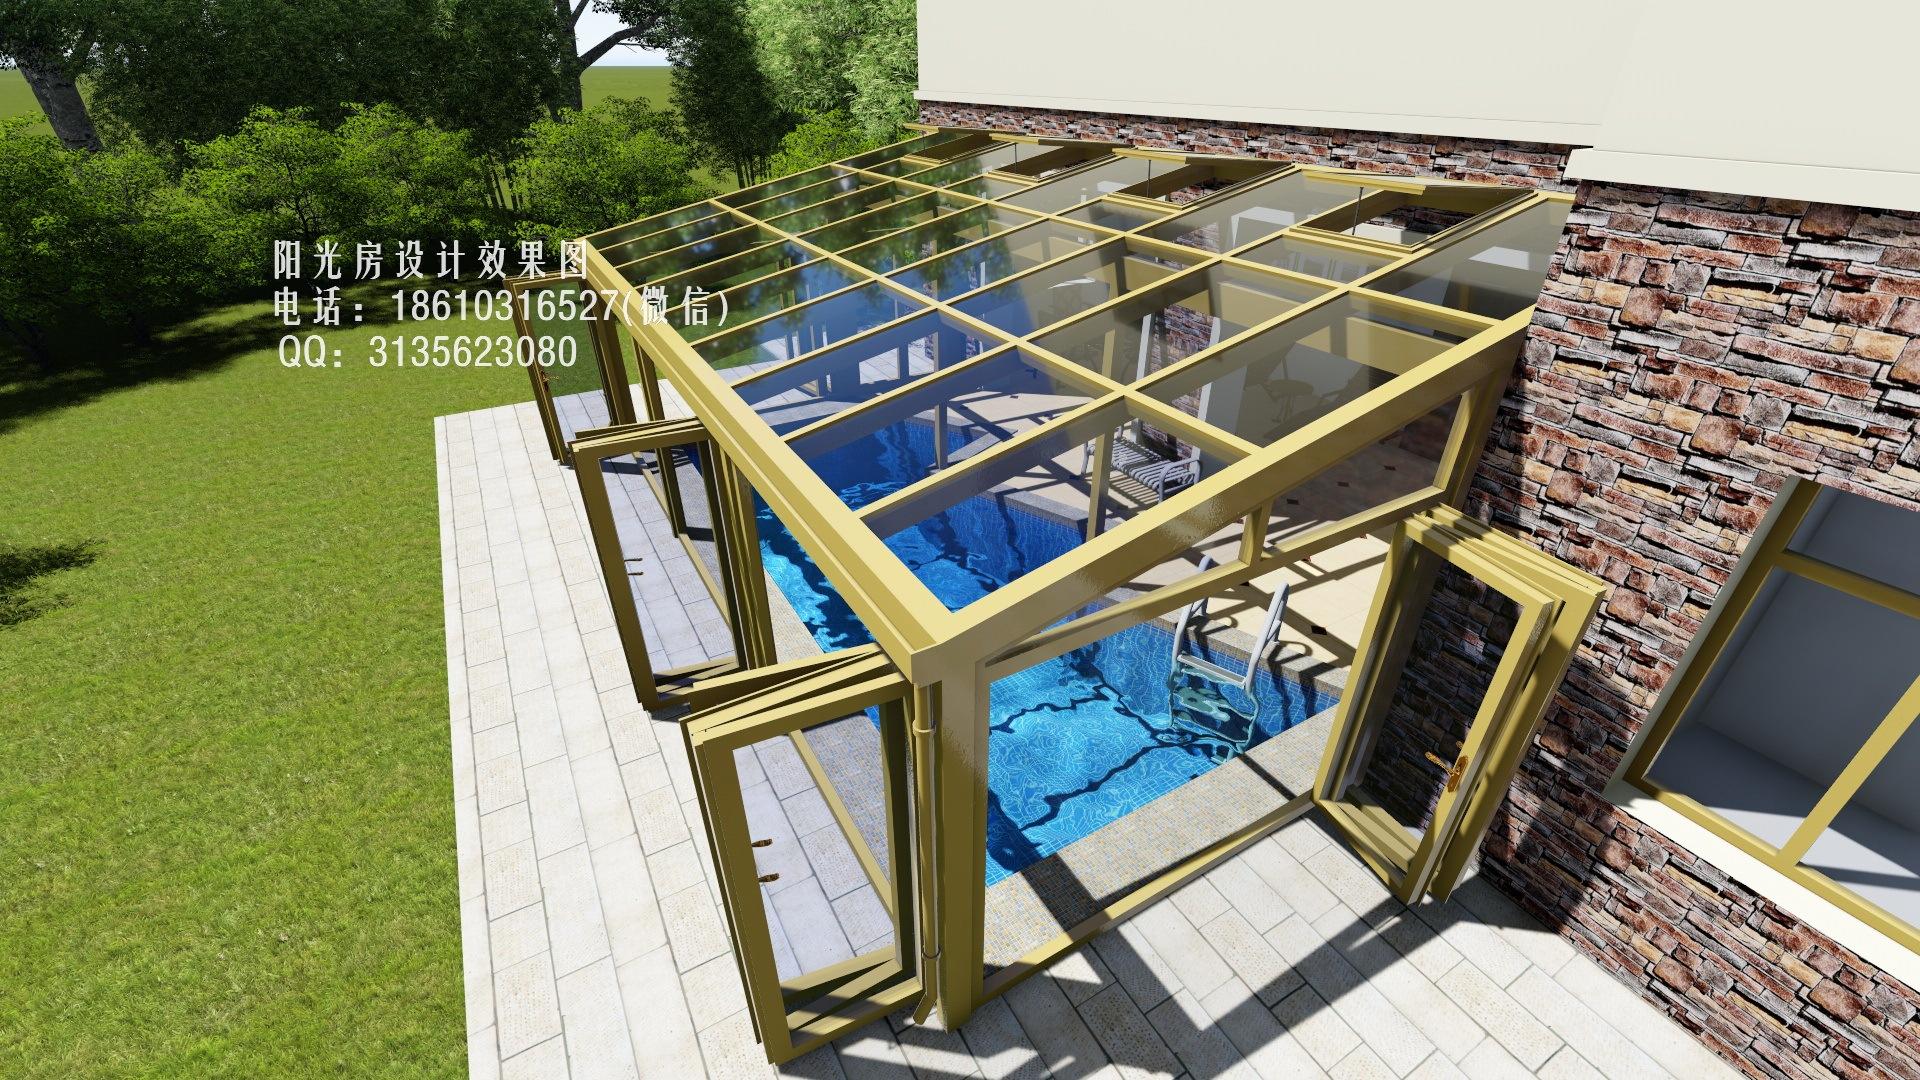 spa游泳池阳光房设计效果图|空间|建筑设计|阳光房2图片